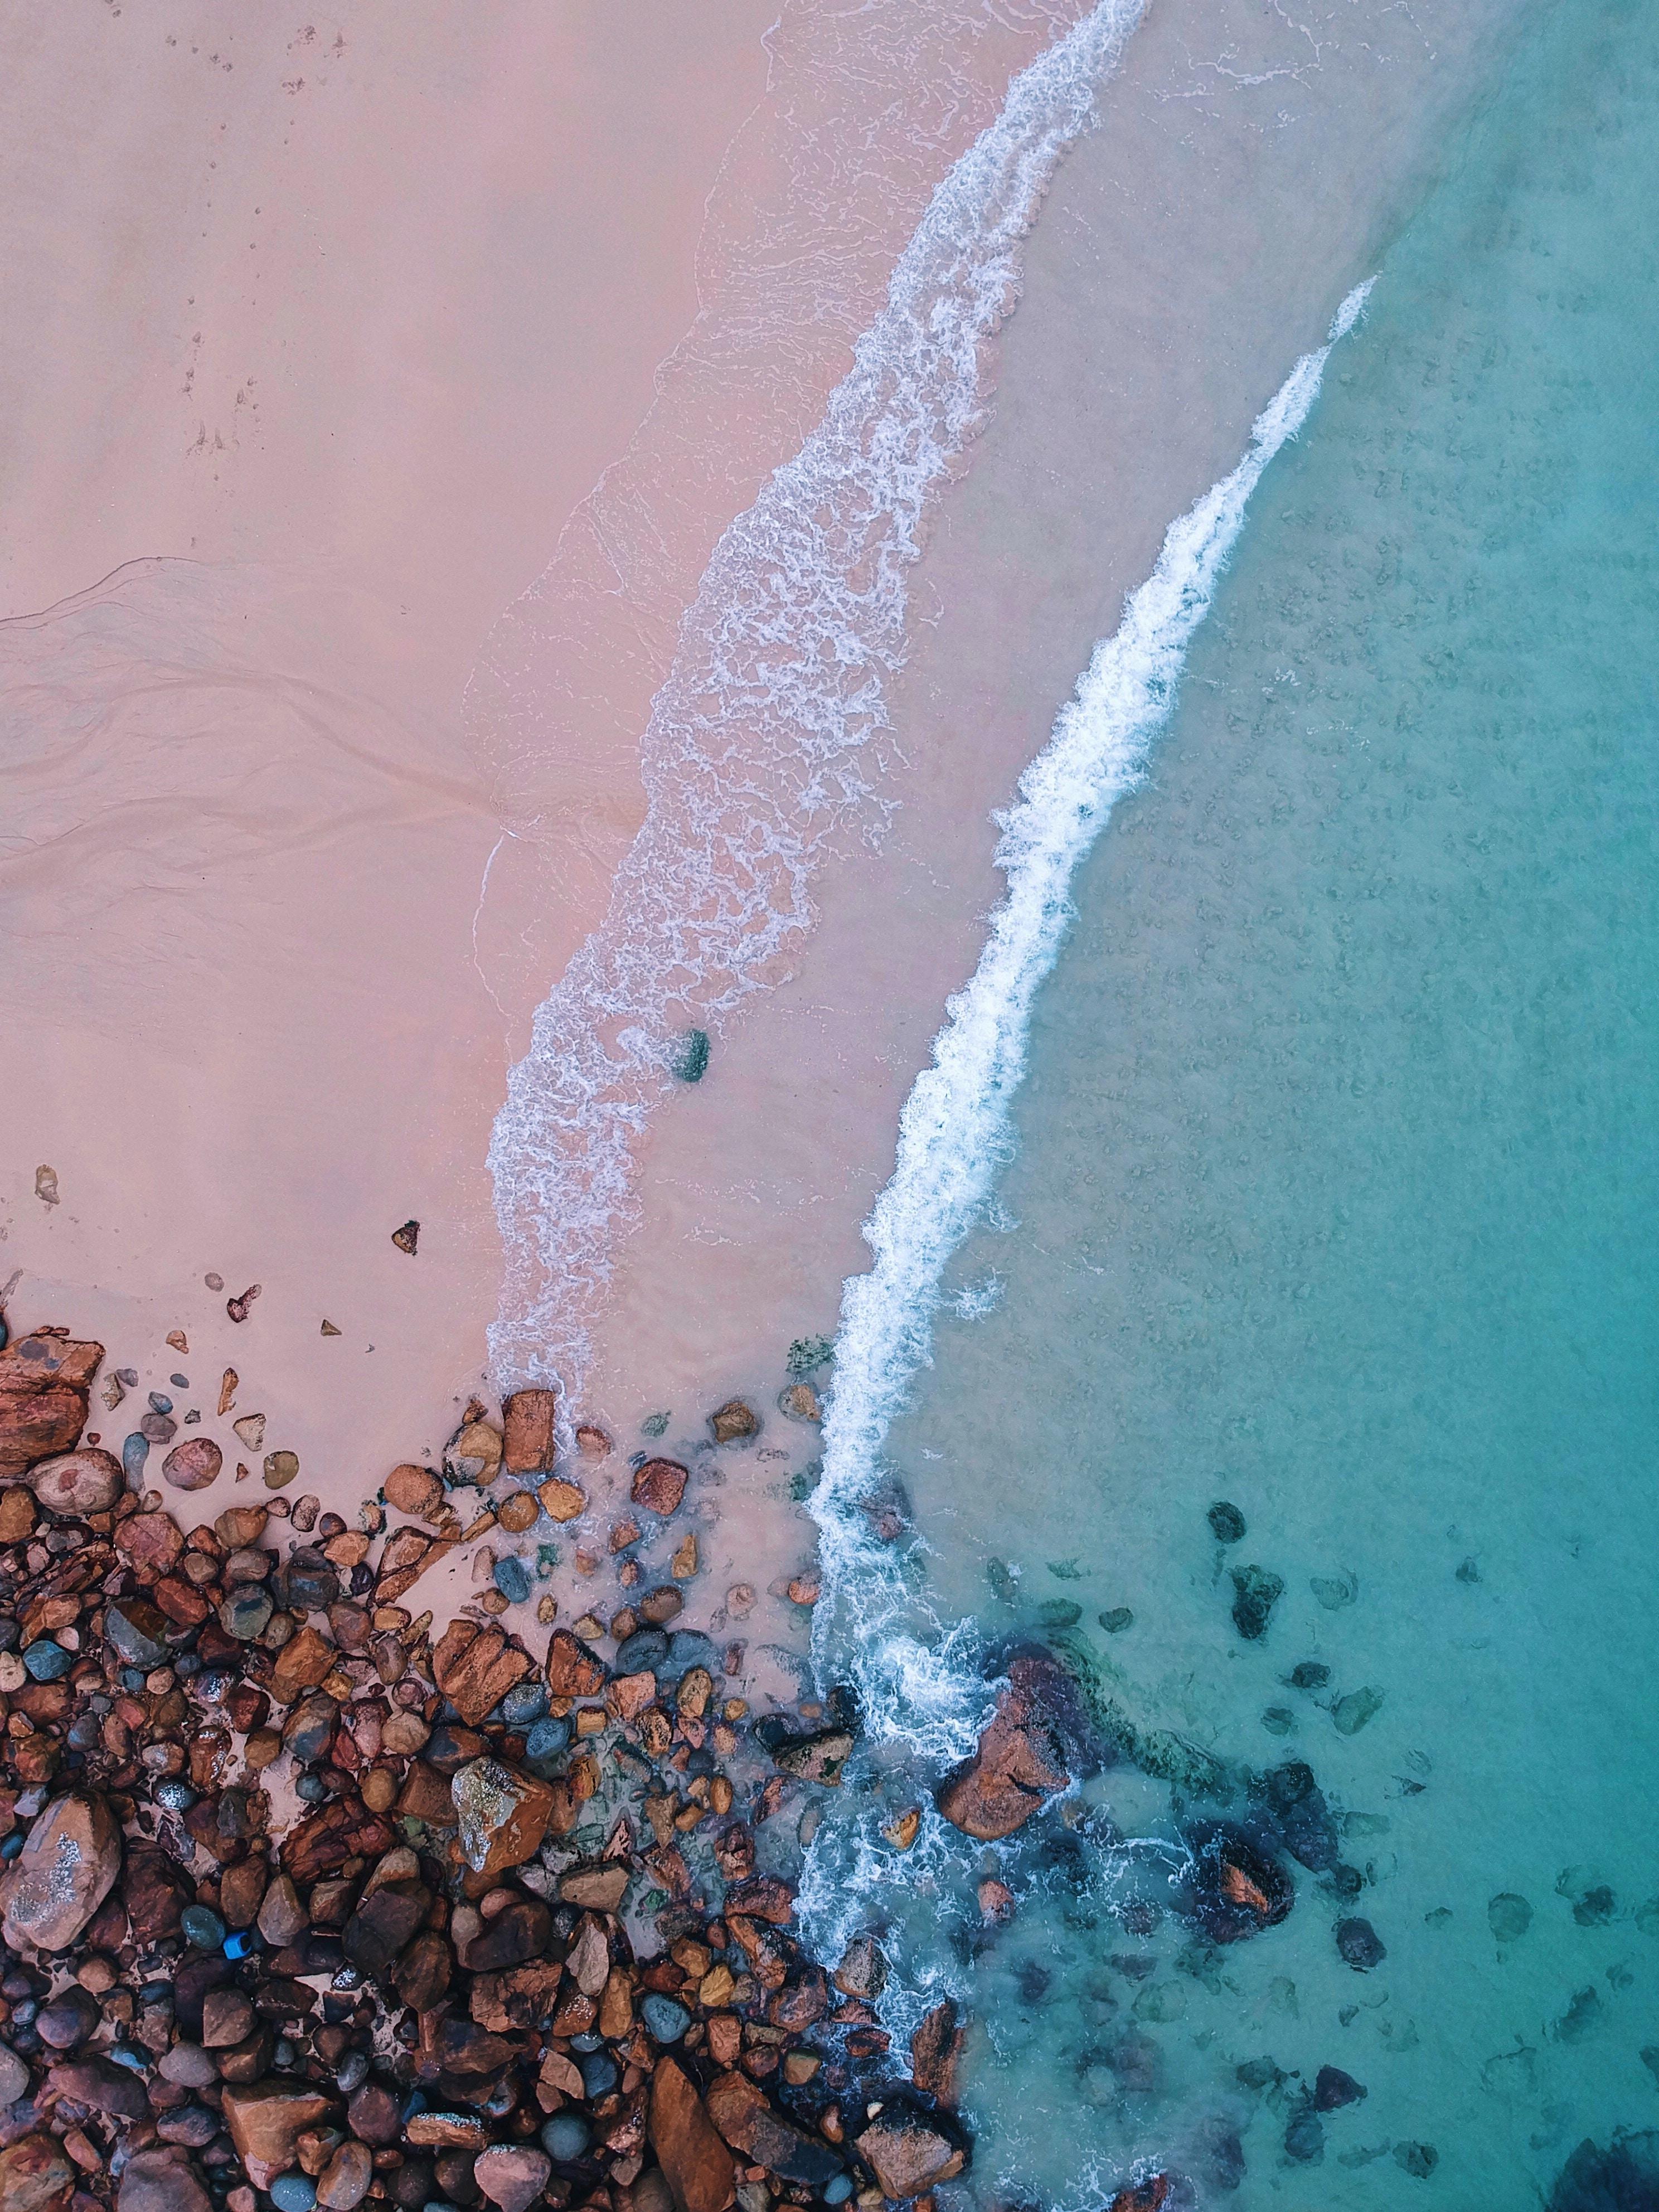 99888 Hintergrundbild herunterladen Strand, Natur, Stones, Surfen, Sand, Blick Von Oben, Ozean, Schaum - Bildschirmschoner und Bilder kostenlos